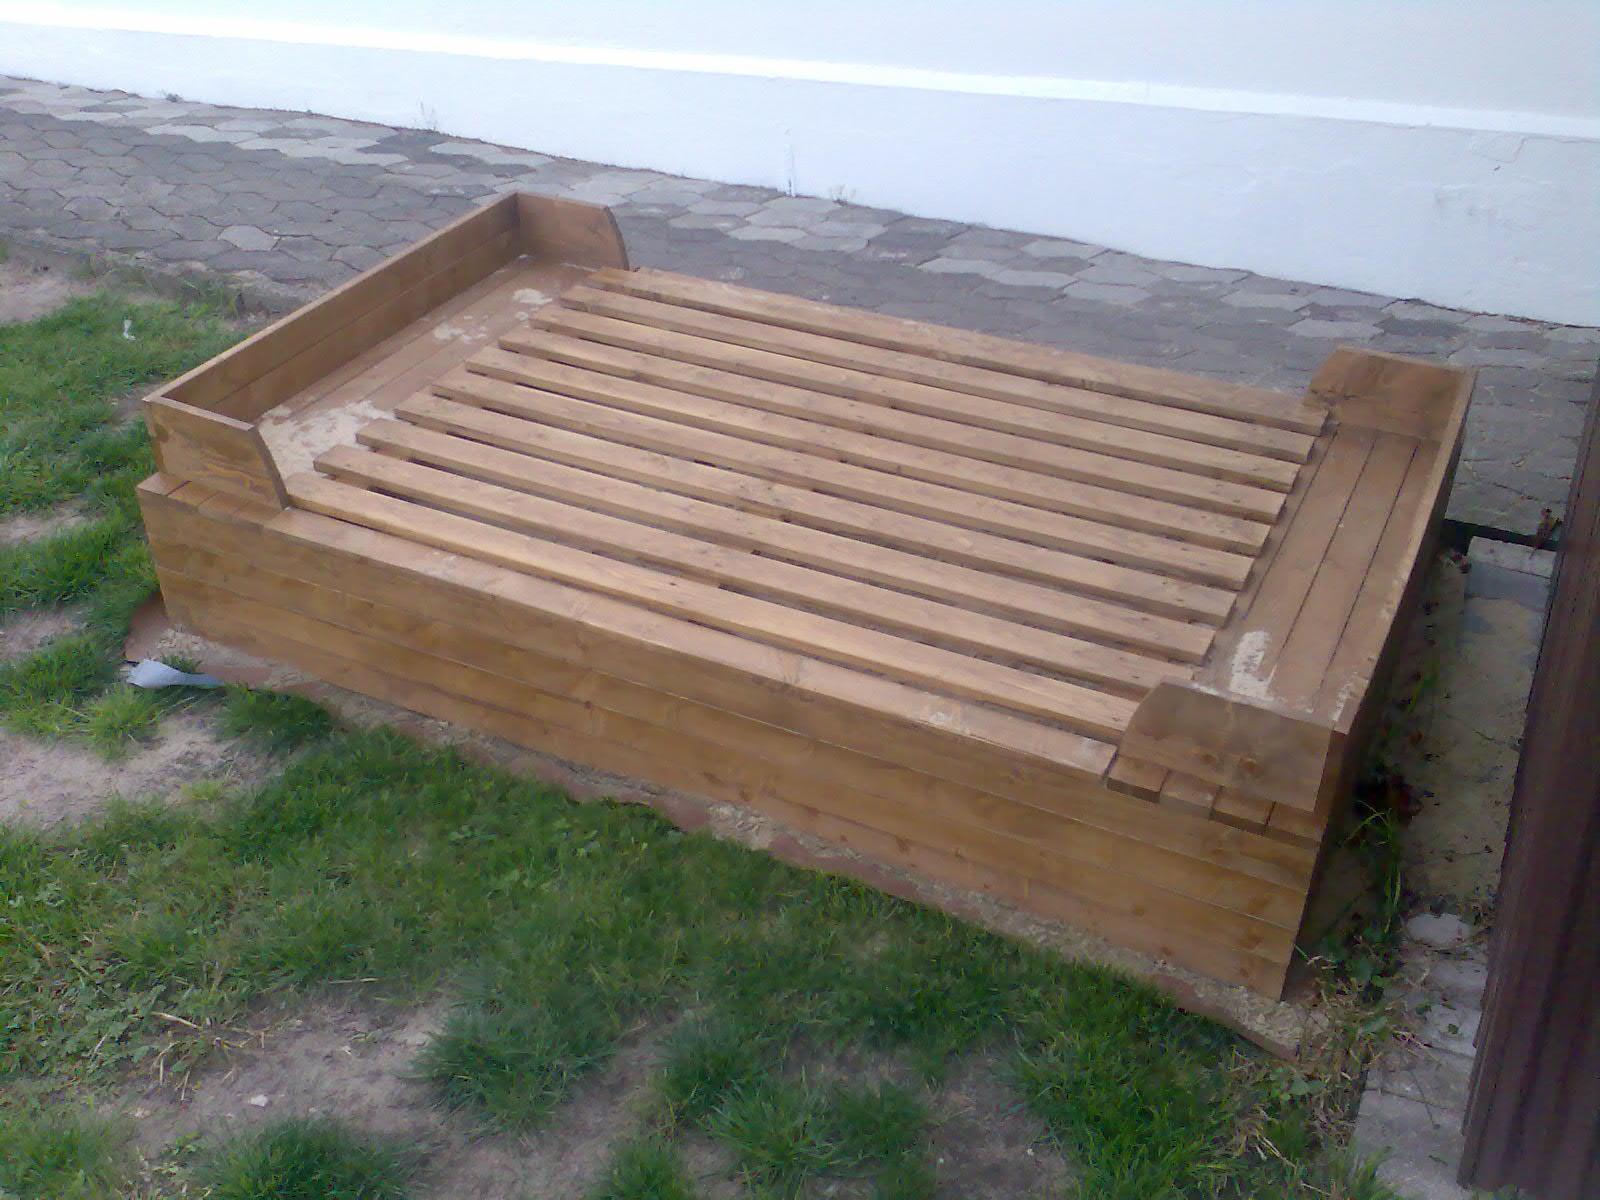 sandkasten 200 x 125 cm mit abdeckung sandkasten aus nordischer fichte online kaufen. Black Bedroom Furniture Sets. Home Design Ideas